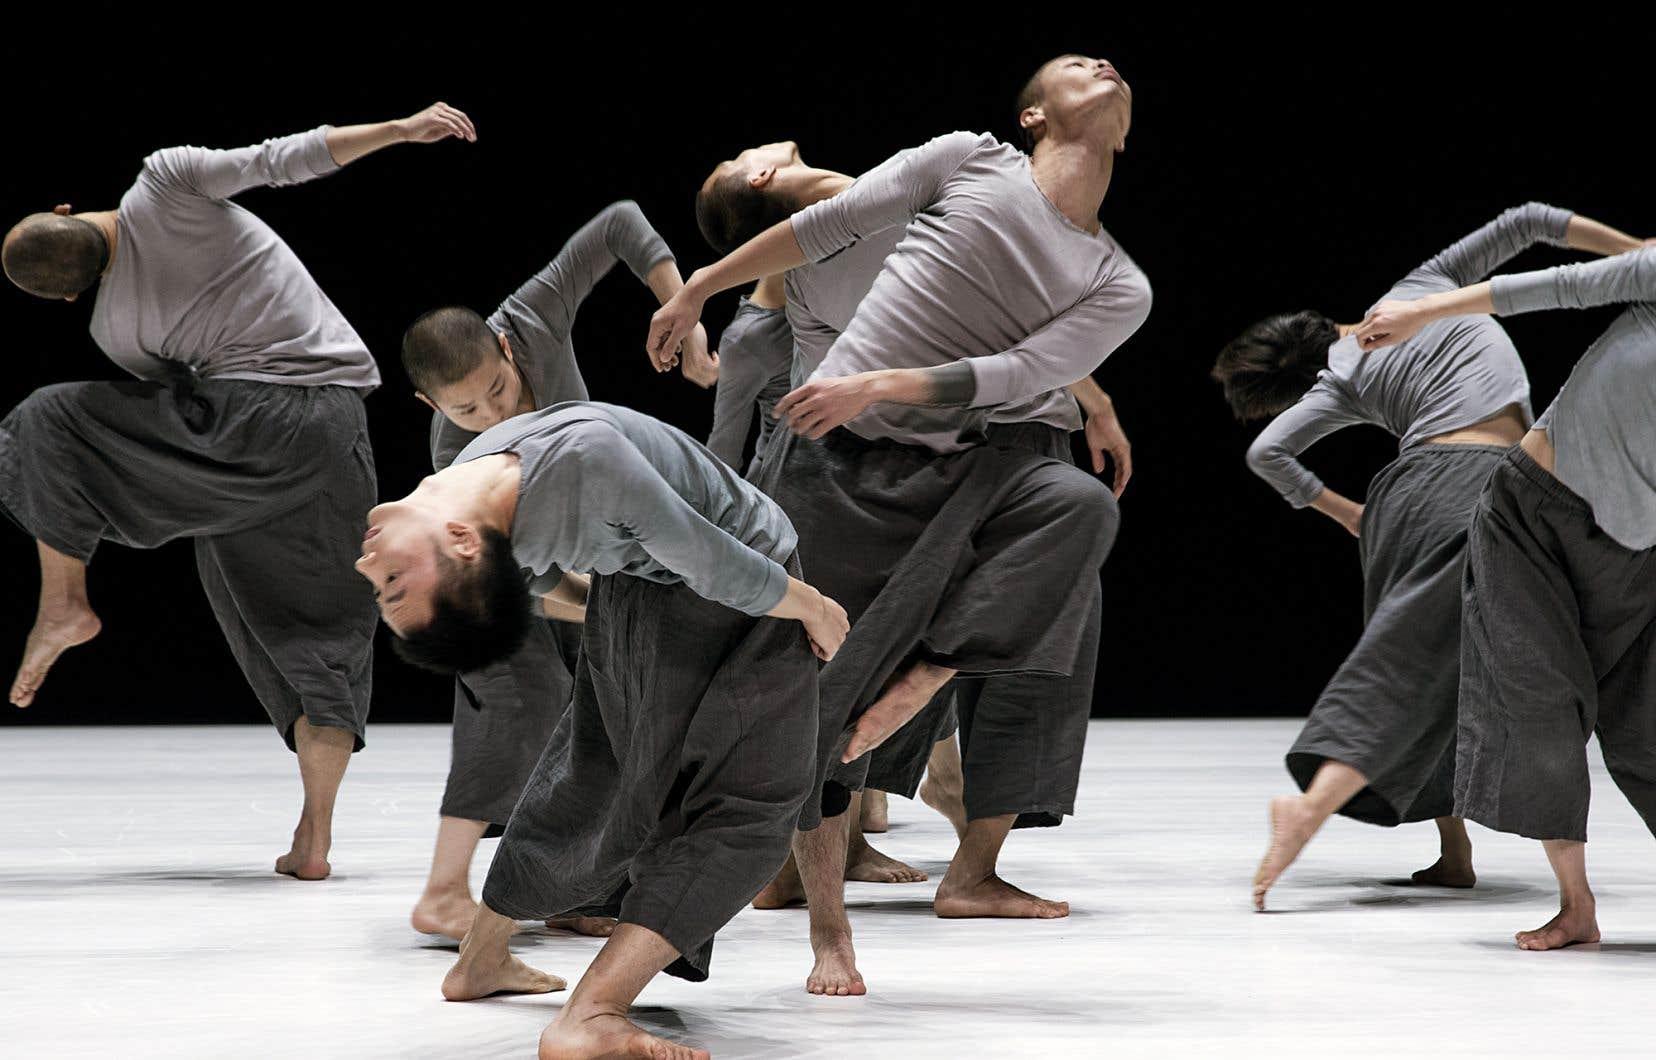 Dans «9», les trajectoires des danseurs—toujours circulaires—prennent de l'expansion, se déployant sur tous les plans en roues et roulades acrobatiques.